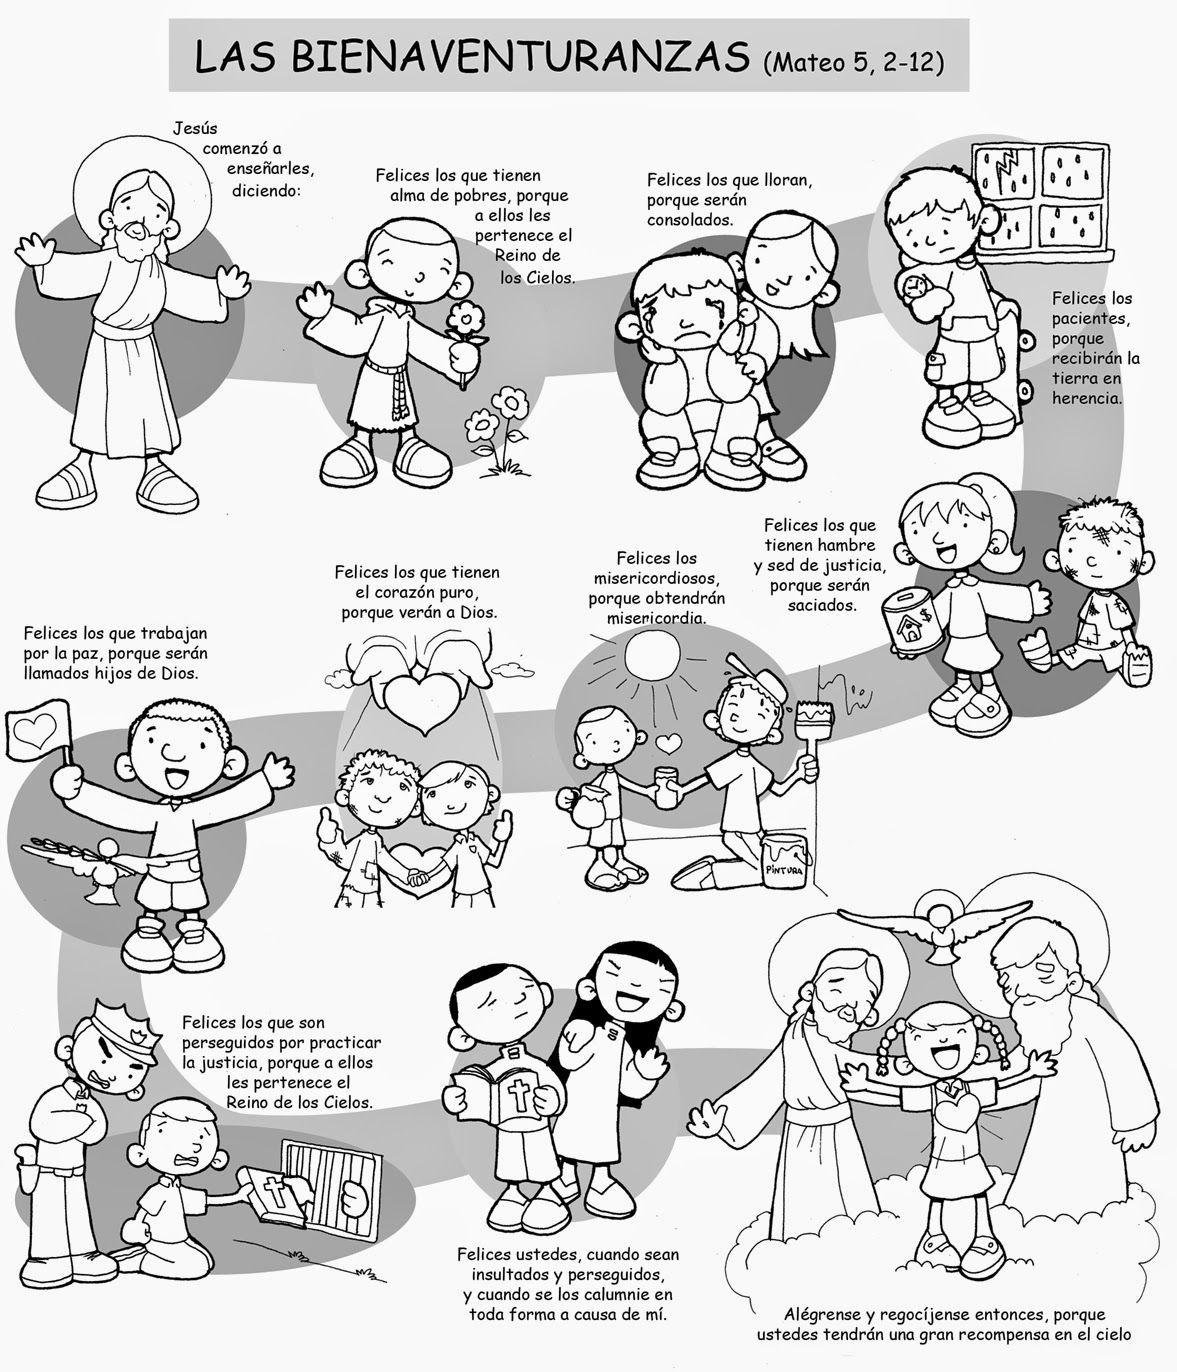 Resultado de imagen de dibujos de las bienaventuranzas de Fano